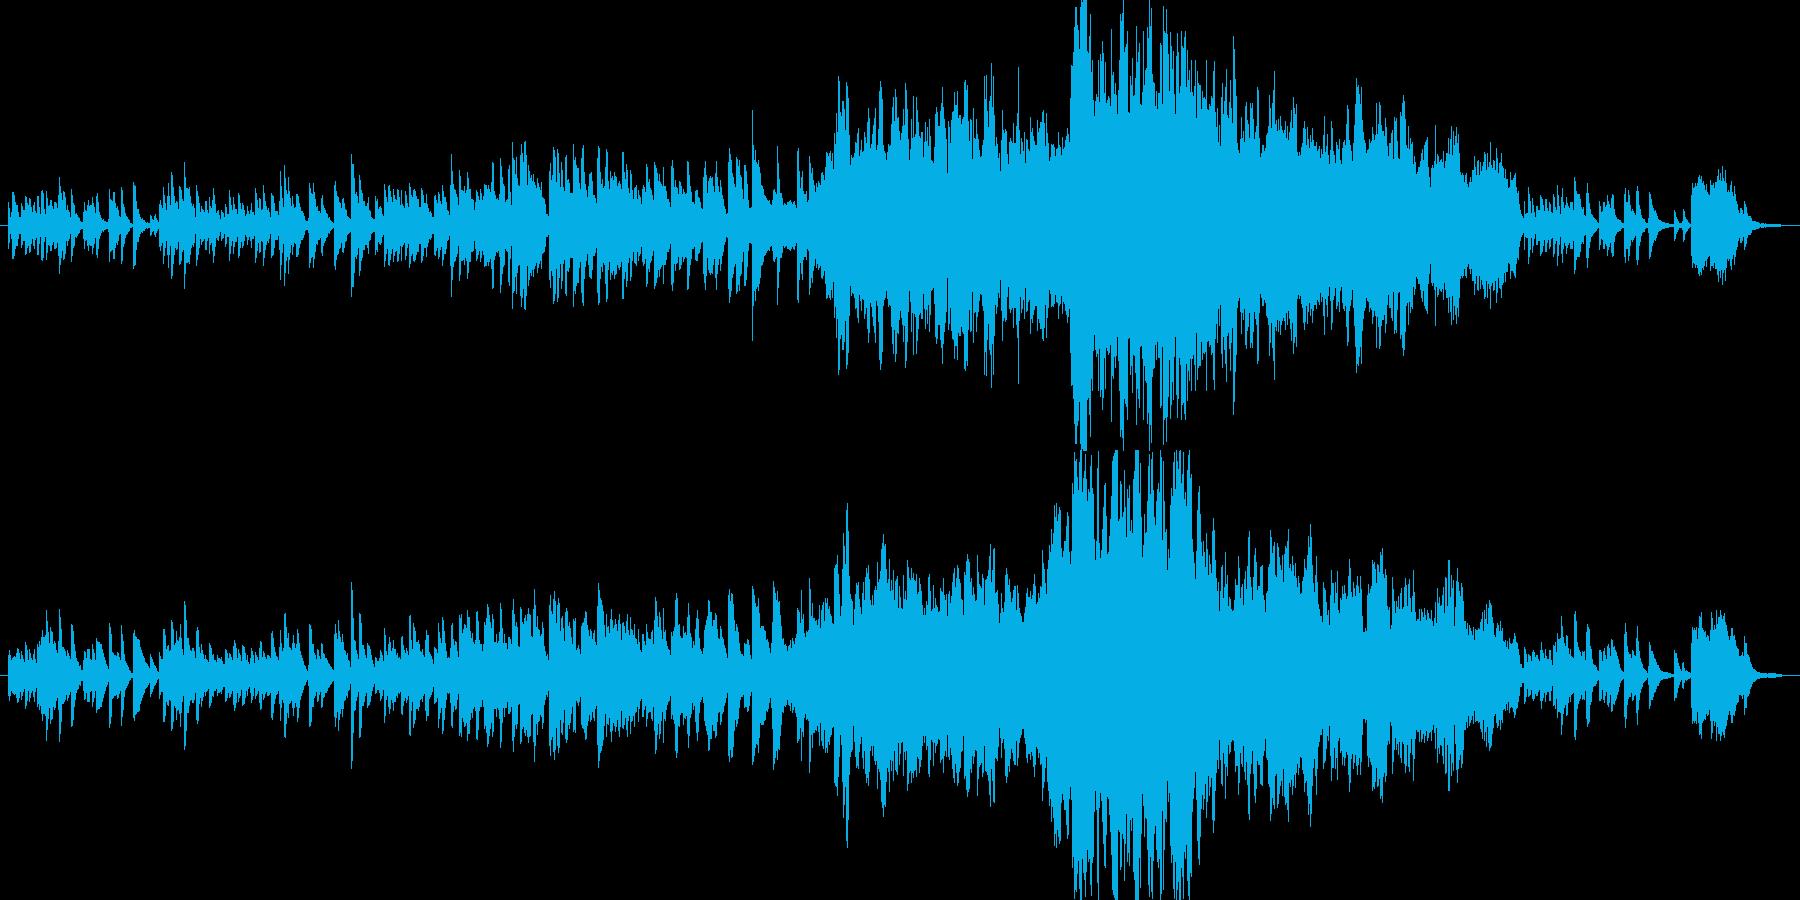 切なさの中にも希望がある感動系の曲の再生済みの波形